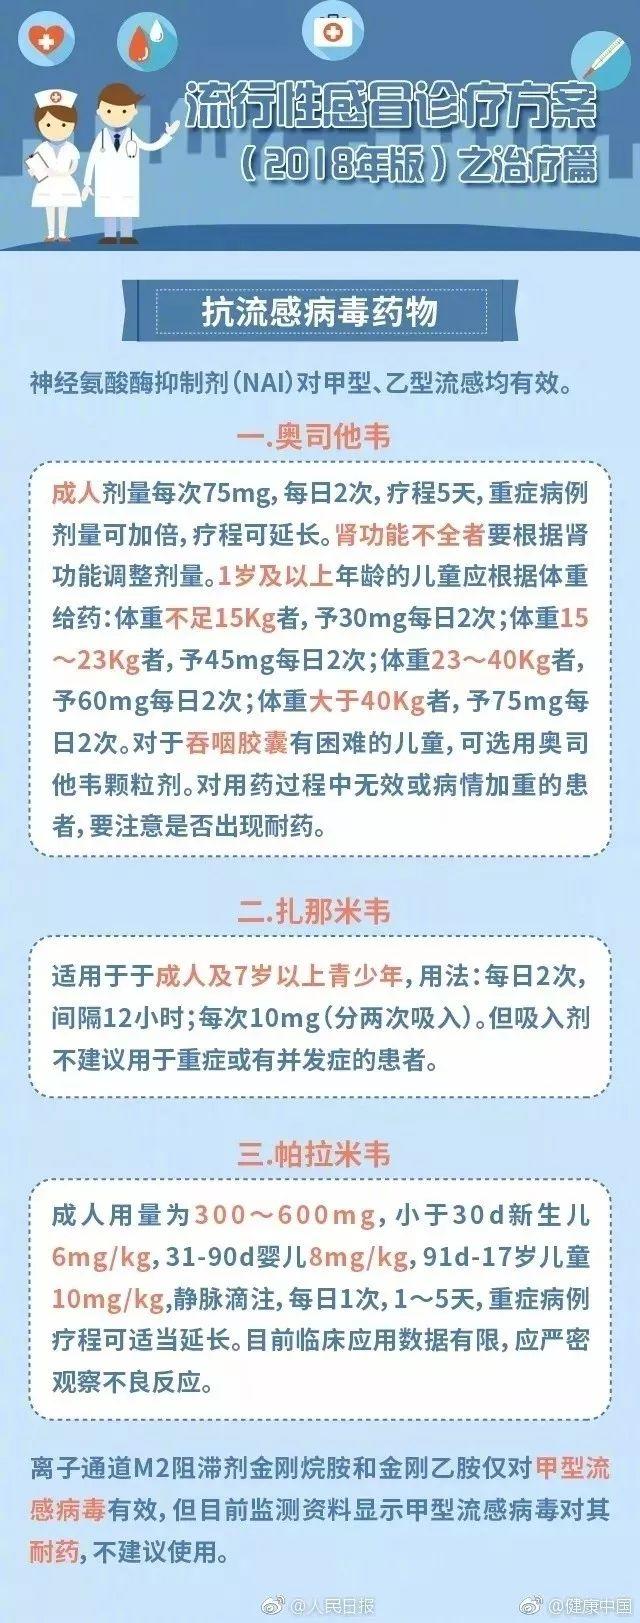 线上赌博导航网站:《流感下的北京中年》刷屏:我的岳父从感冒到去世,只有29天!